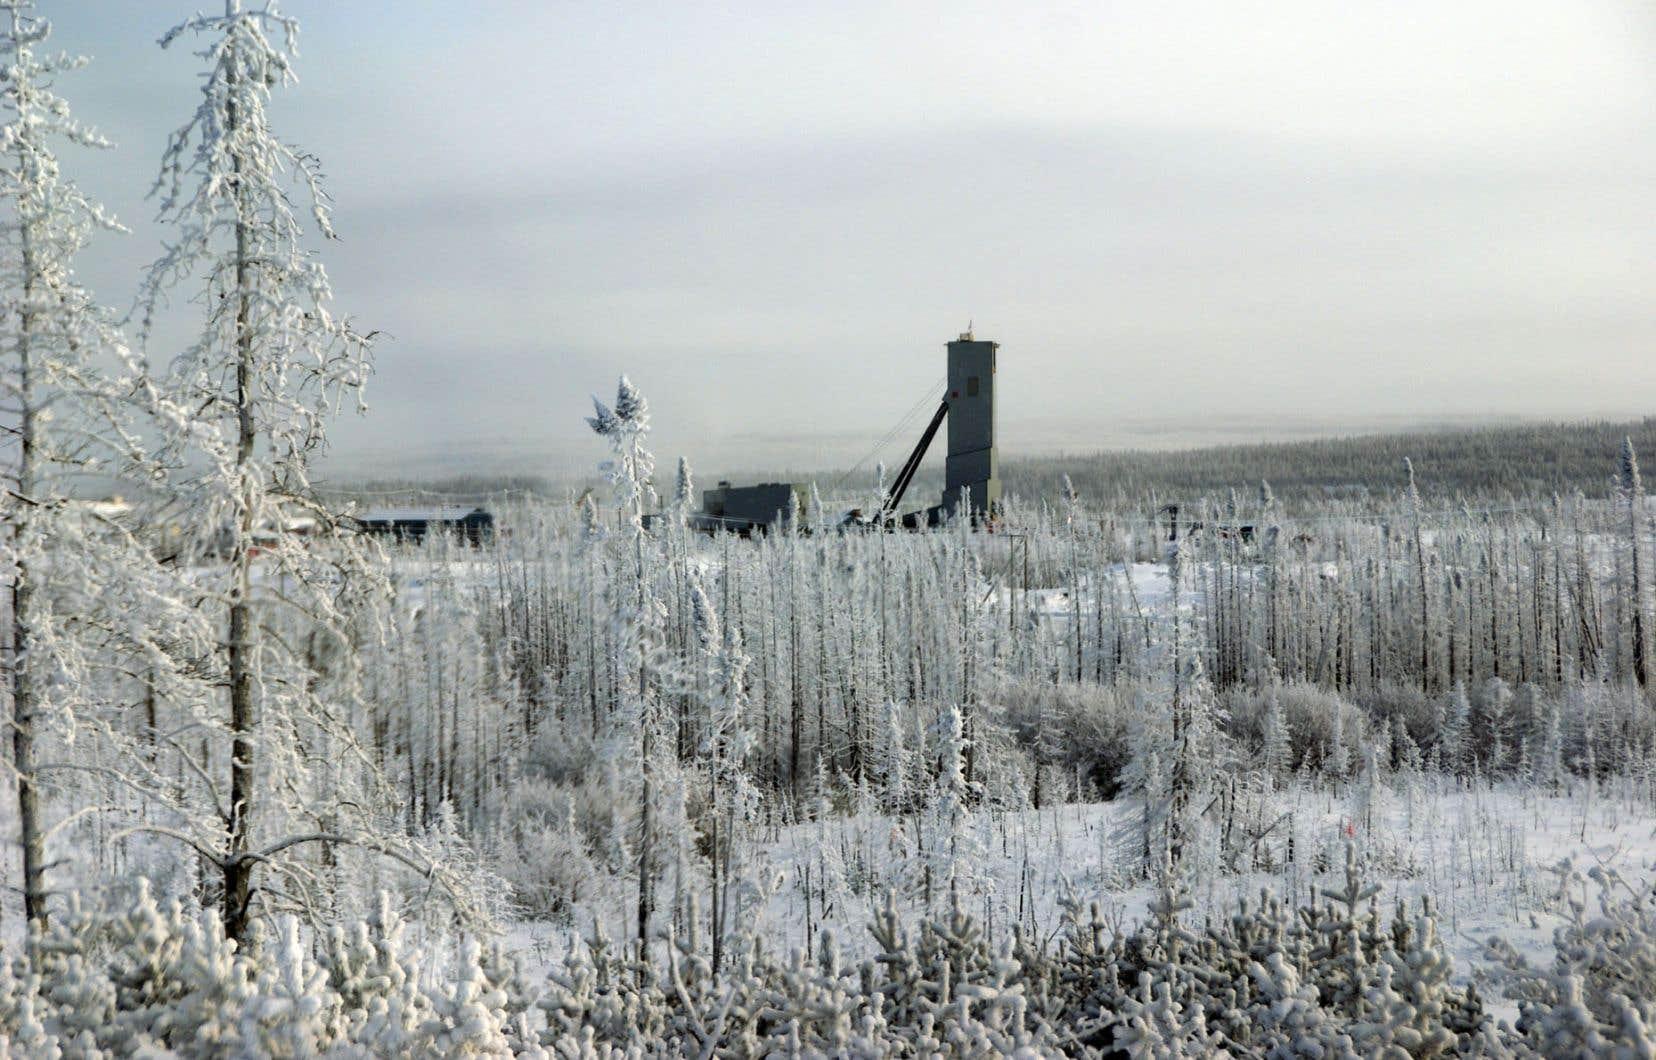 La mine Éléonore, à 350 kilomètres au nord de Chibougamau, devrait produire quatre millions d'onces d'or.